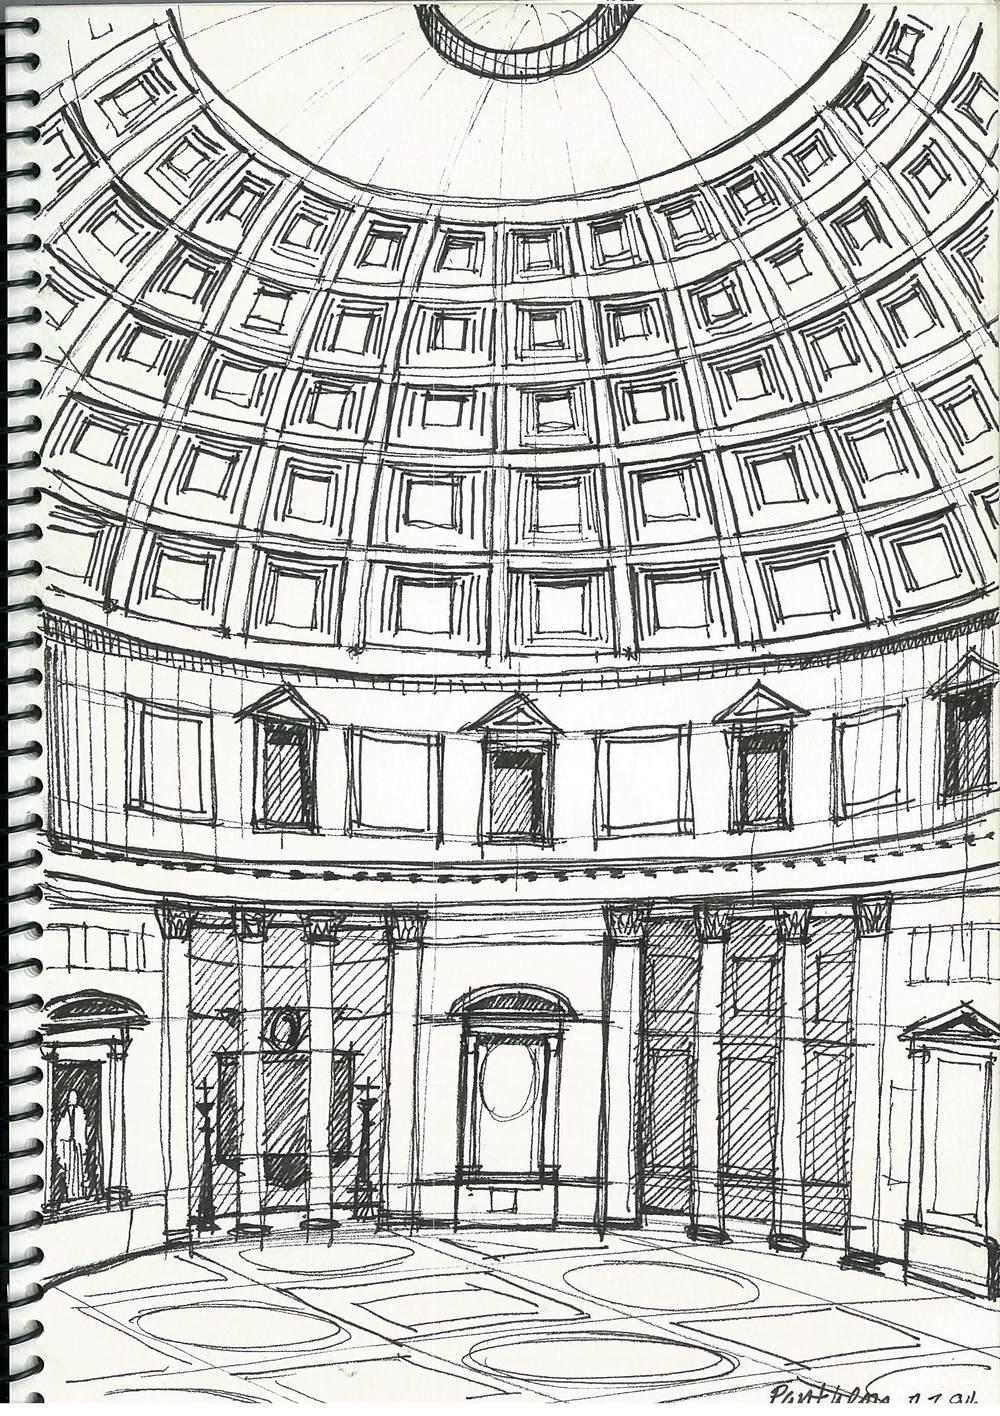 1994 - 5 Rome Pantheon cropped.jpg